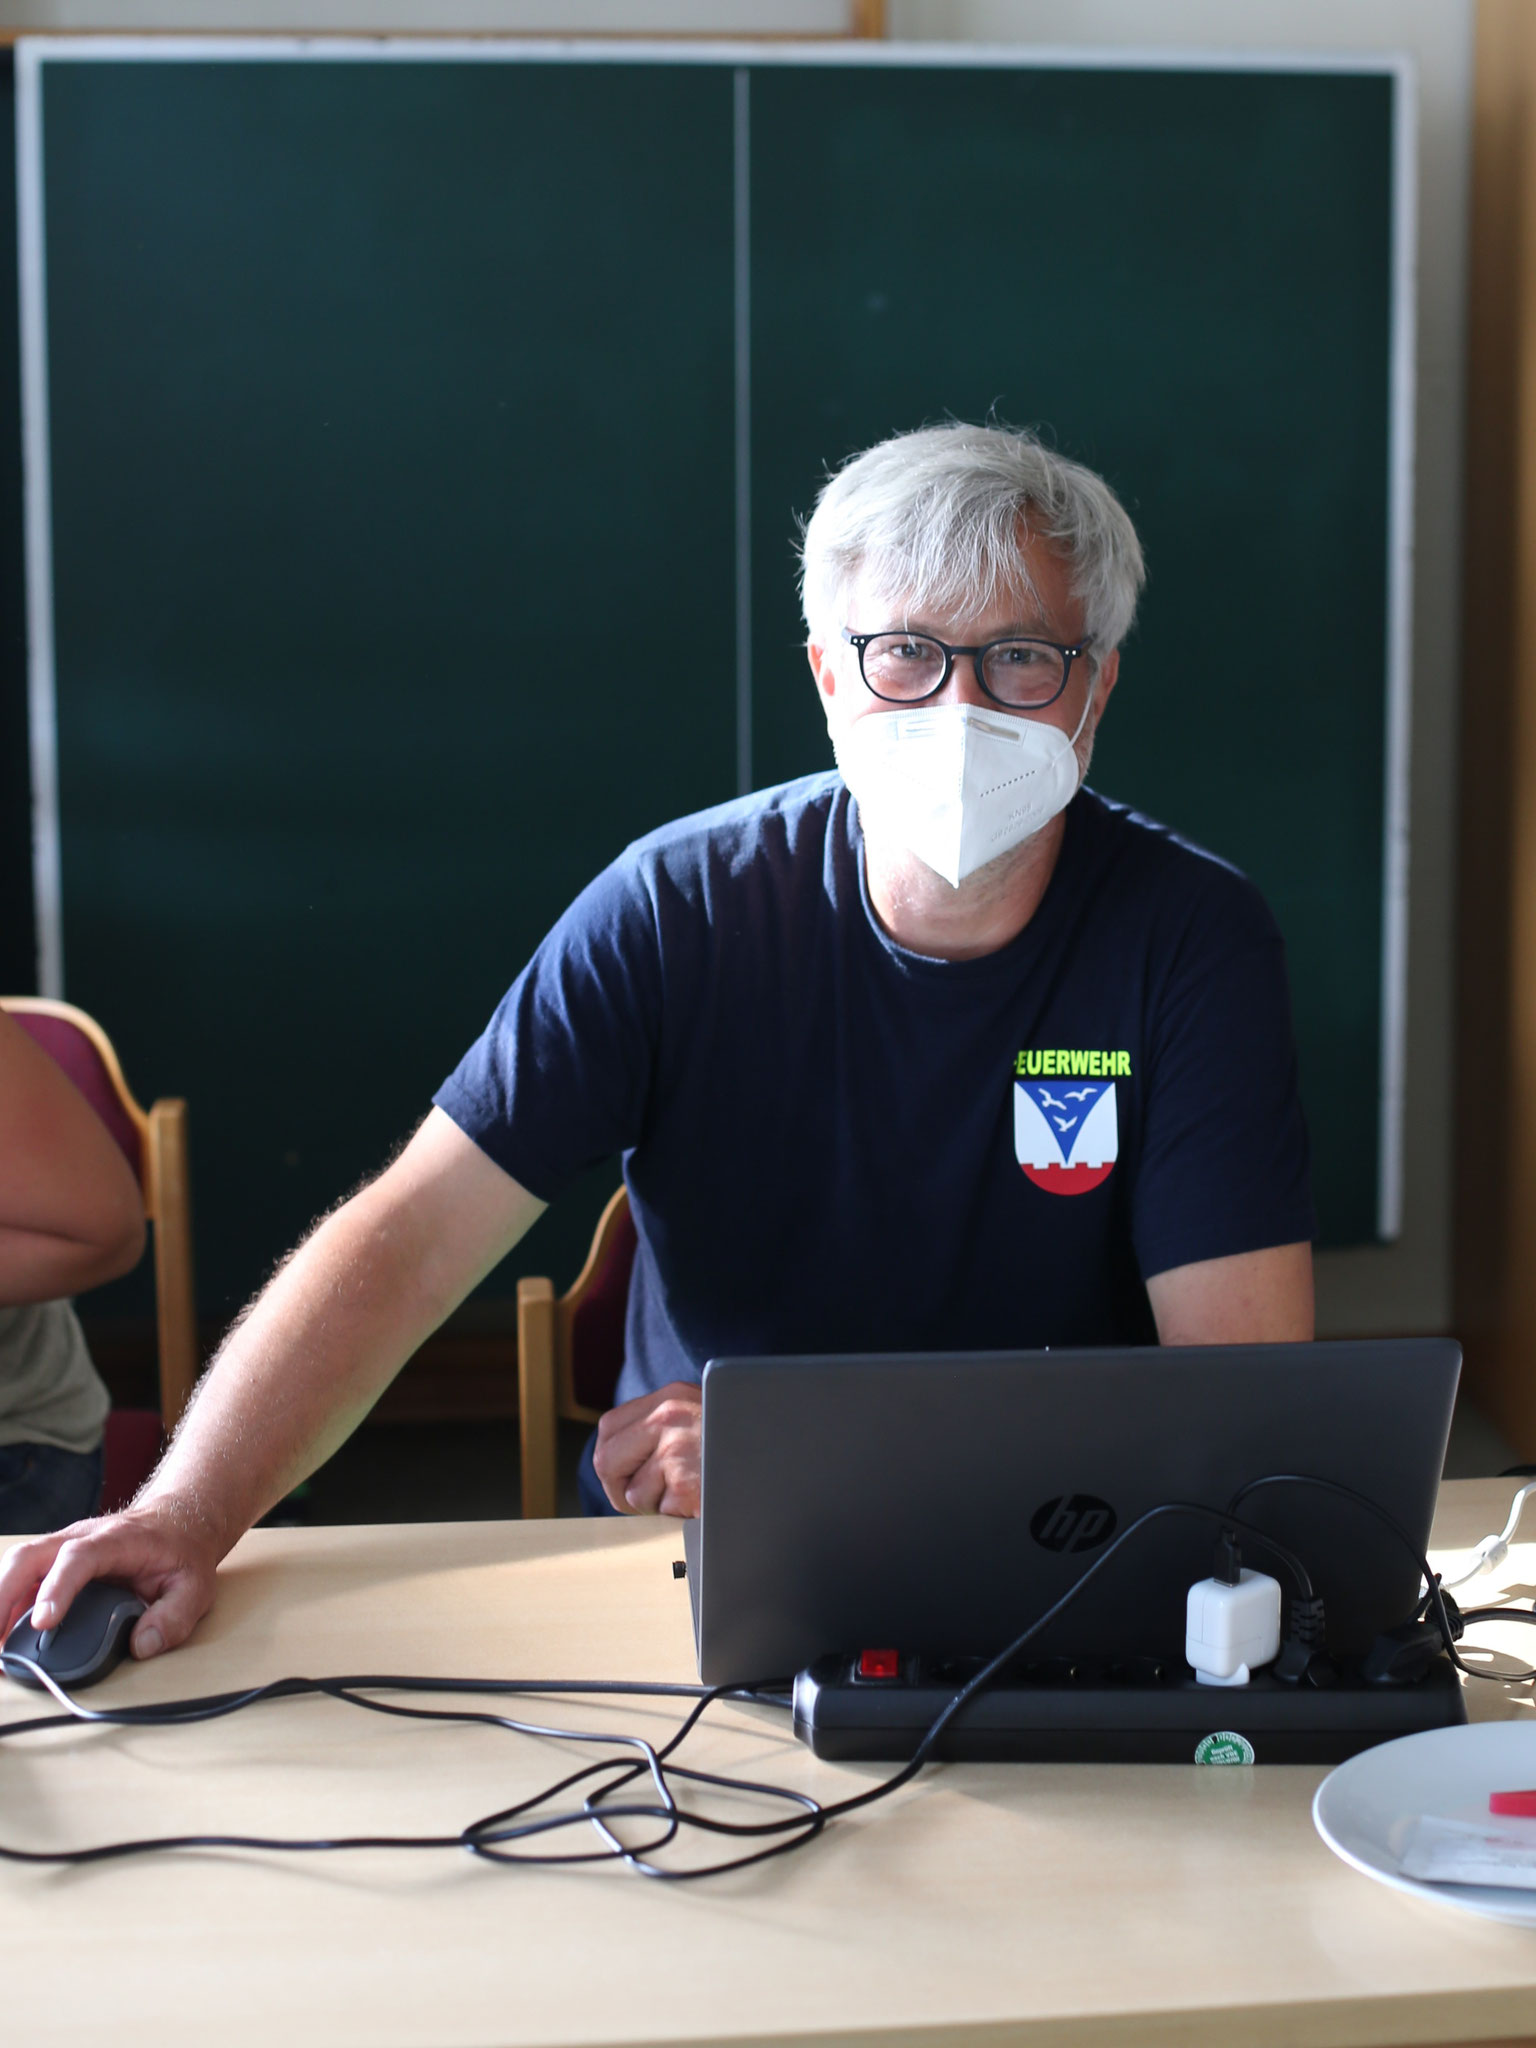 Philipp speichert die Daten. Und flucht dann und wann. Immer wieder gibt es Änderungen am System. Anpassungen sind nötig.